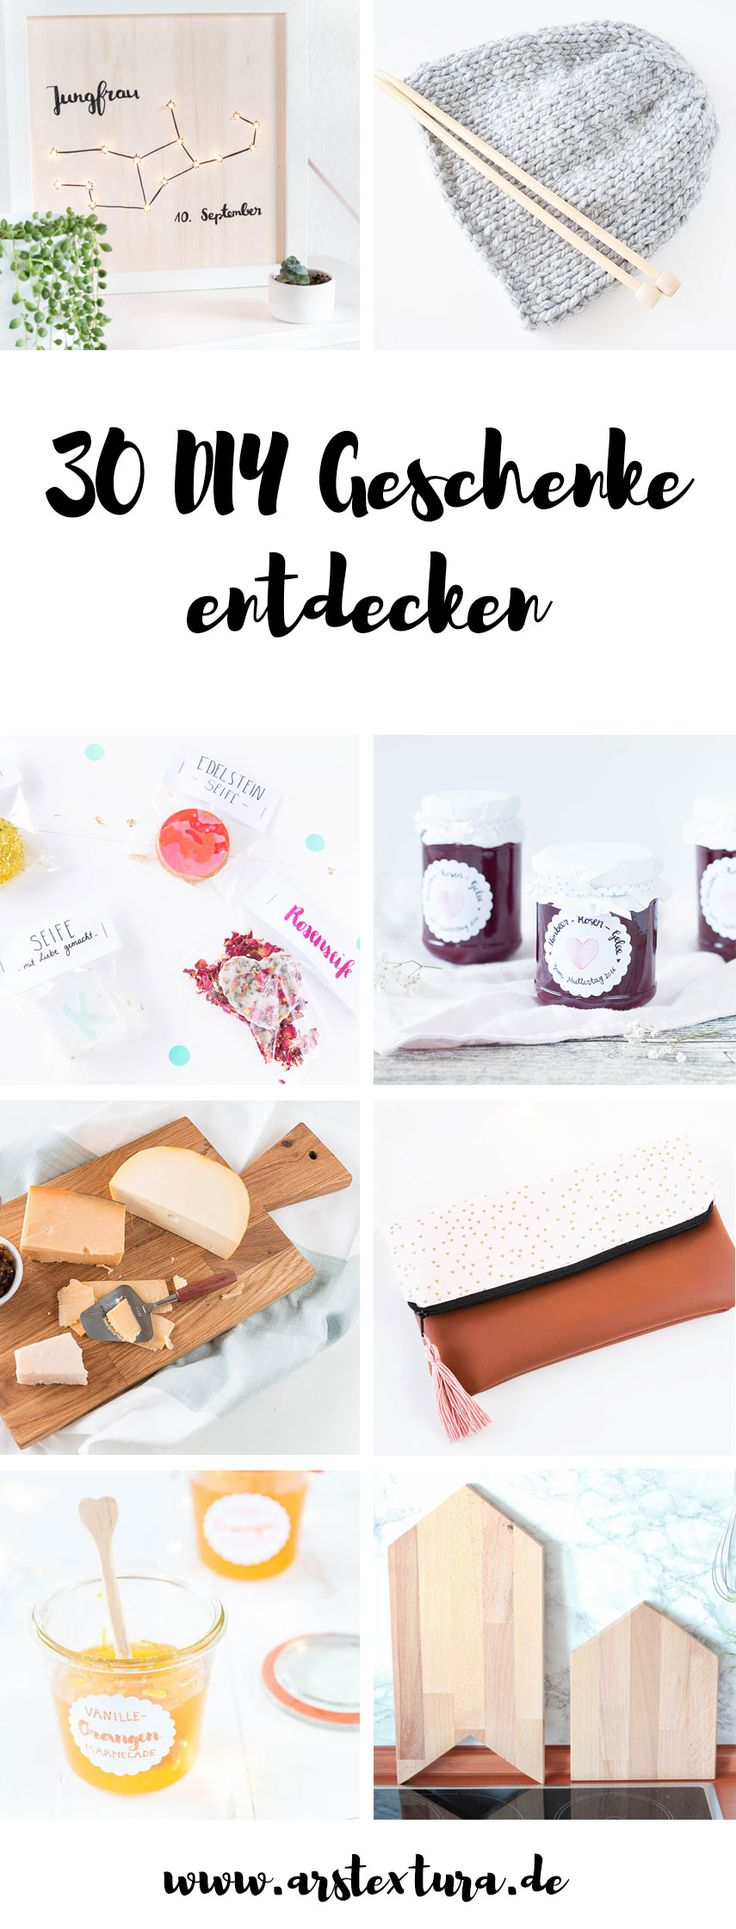 Du suchst DIY Geschenke zum Geburtstag, Weihnachten oder dem Muttertag? Hier findest du viele tolle DIY-Ideen für deine Liebsten!